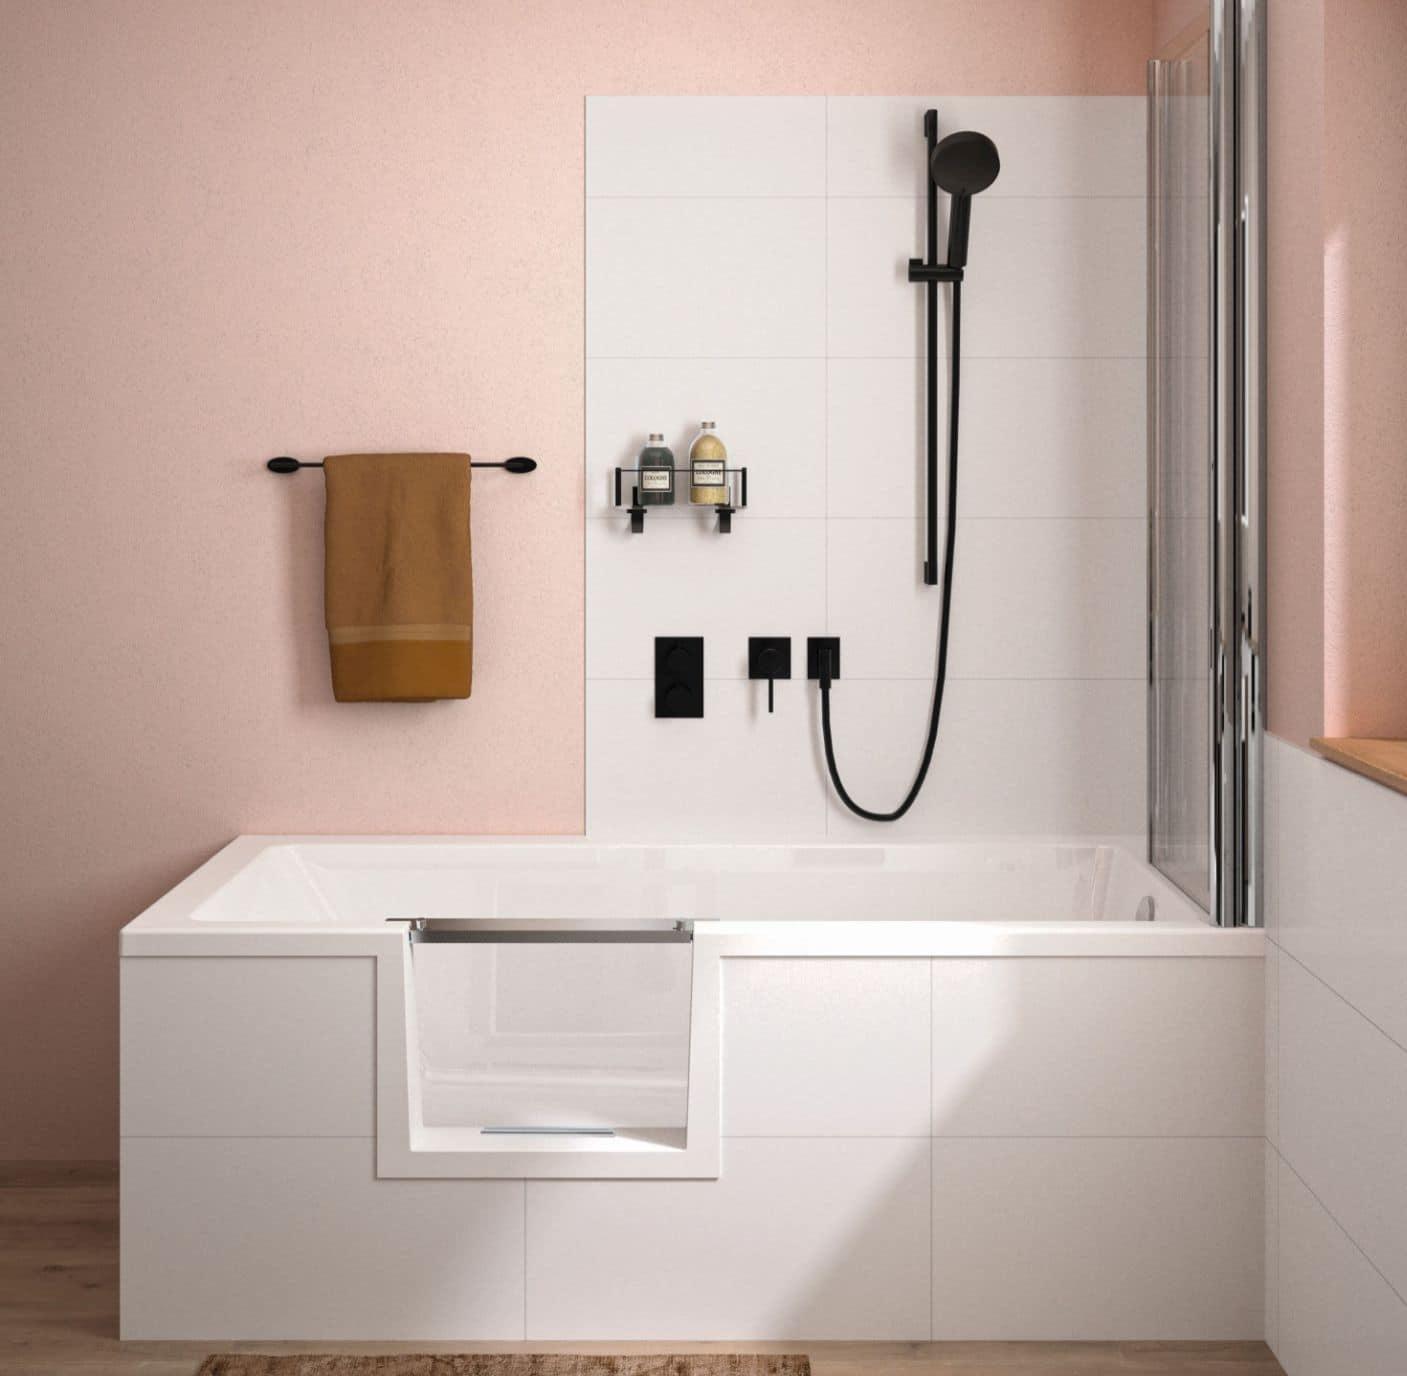 Duschbadewanne Livorno Mono Easy